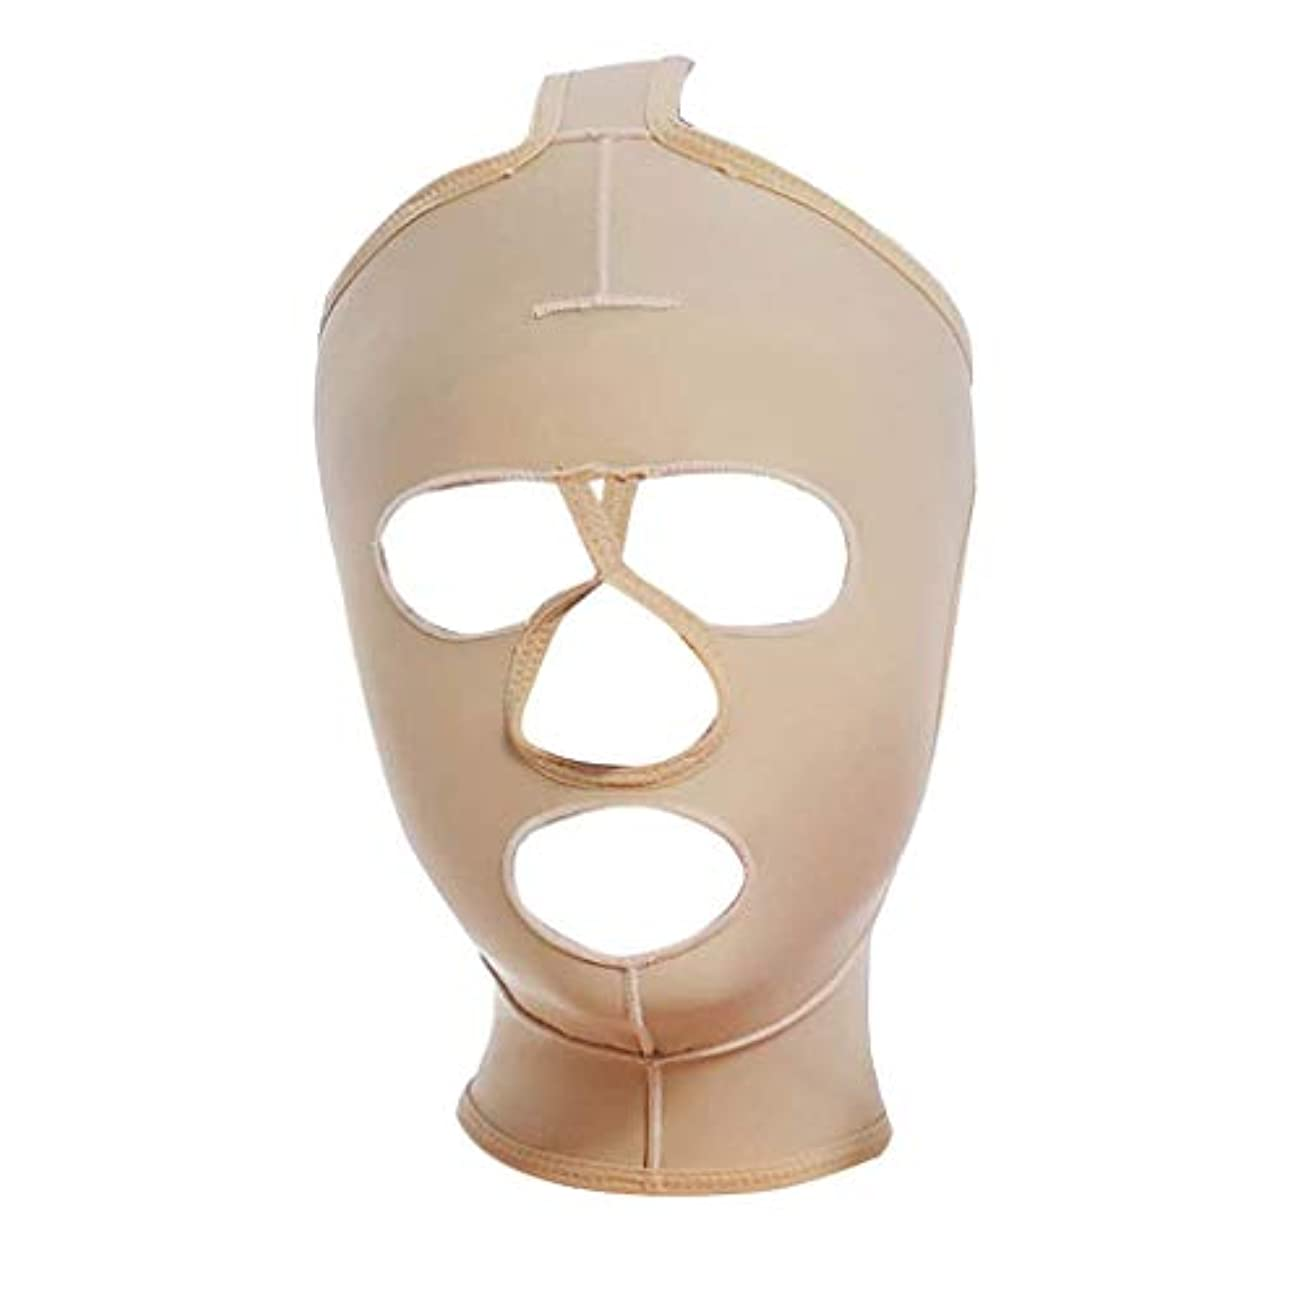 フェイス&ネックリフト、減量フェイスマスク脂肪吸引術脂肪吸引術整形マスクフードフェイスリフティングアーティファクトVフェイスビームフェイス弾性スリーブ(サイズ:XXL),M